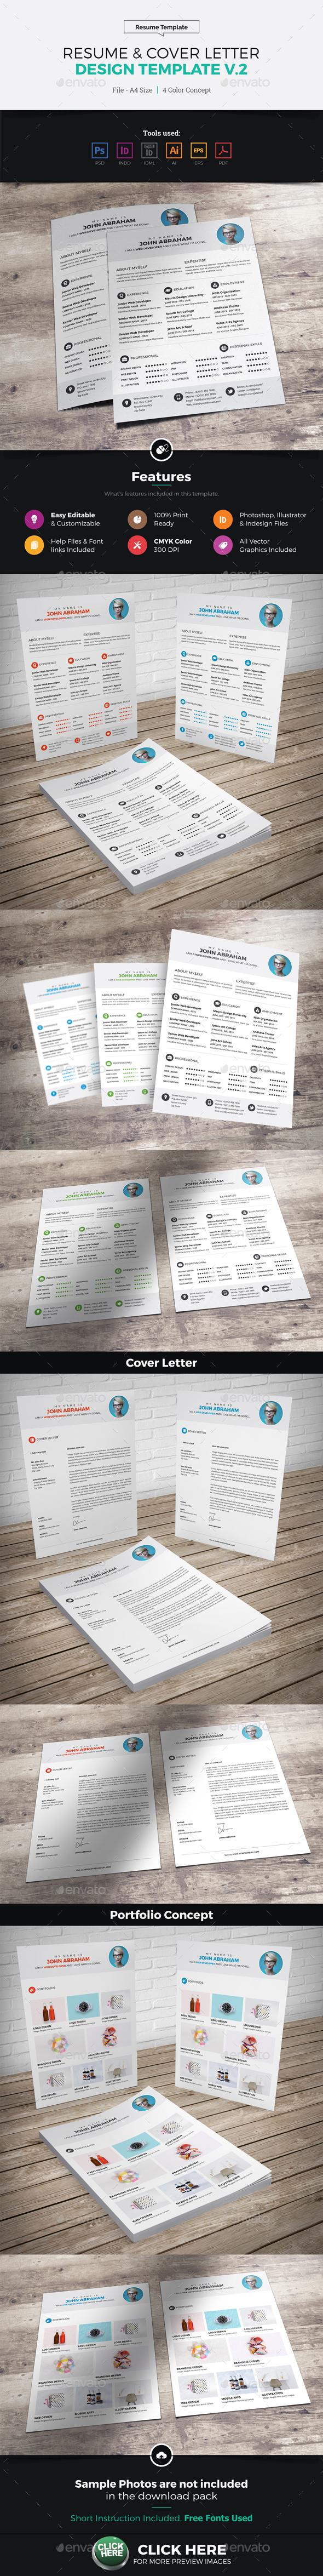 Resume & Cover Letter Design v2 - Resumes Stationery